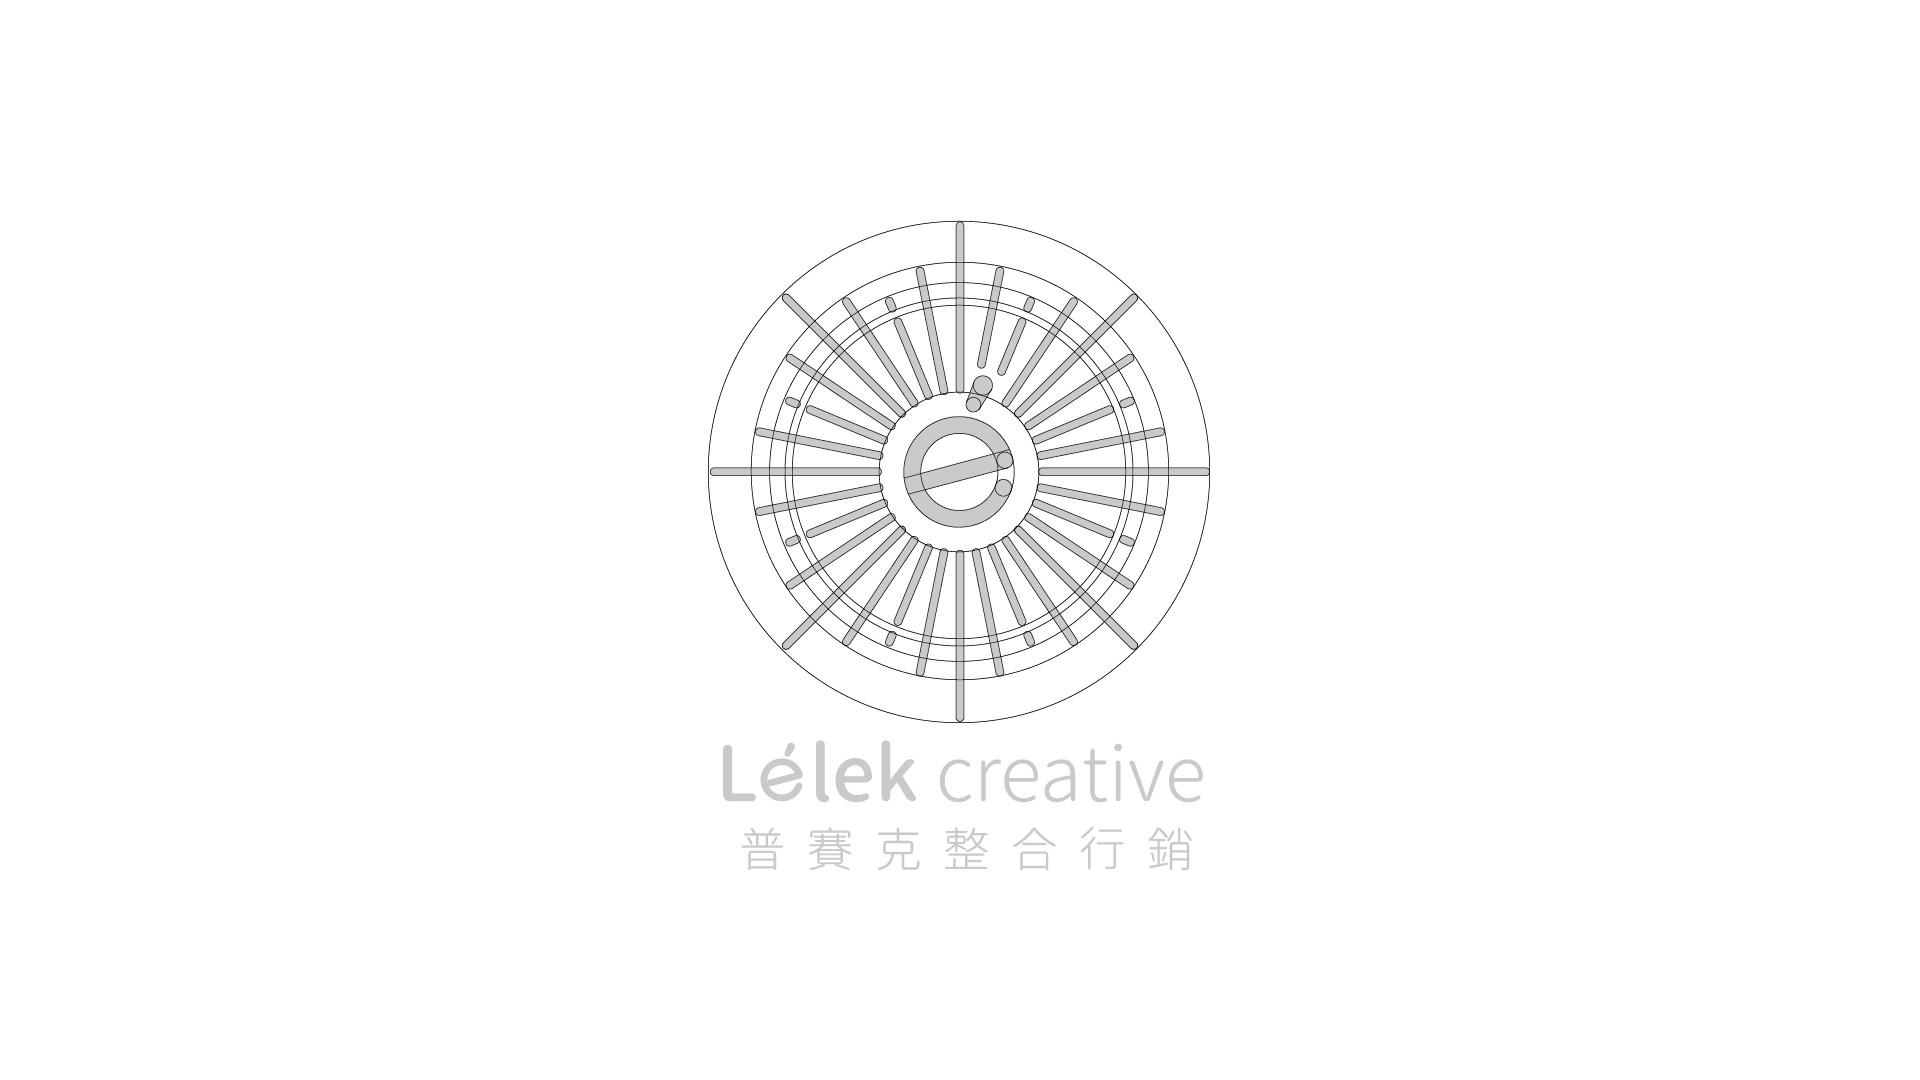 普賽克整合行銷-Logo_線搞.jpg